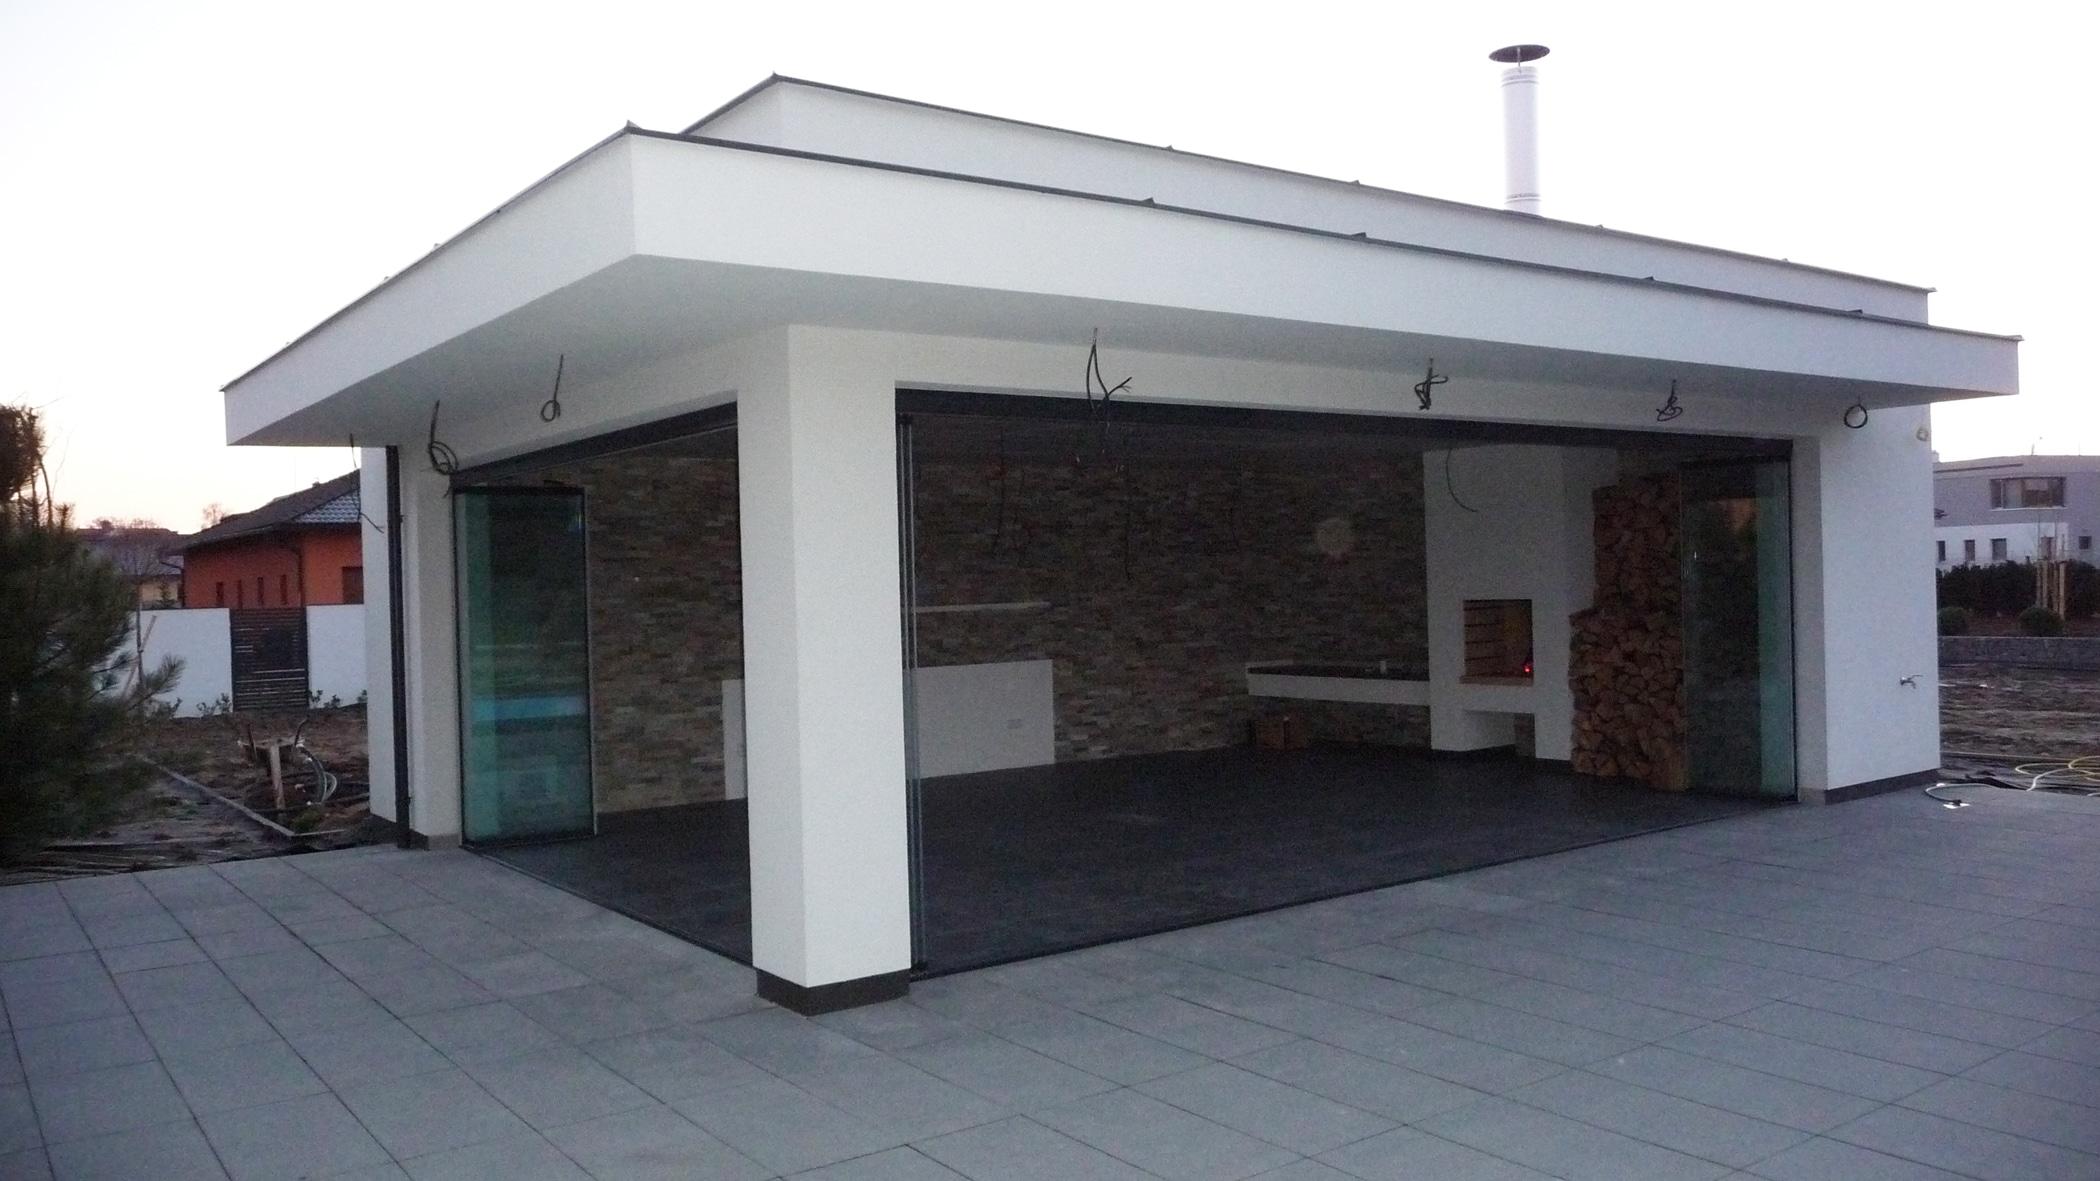 Großes Poolhaus mit öffenbaren Glas-Faltelementen